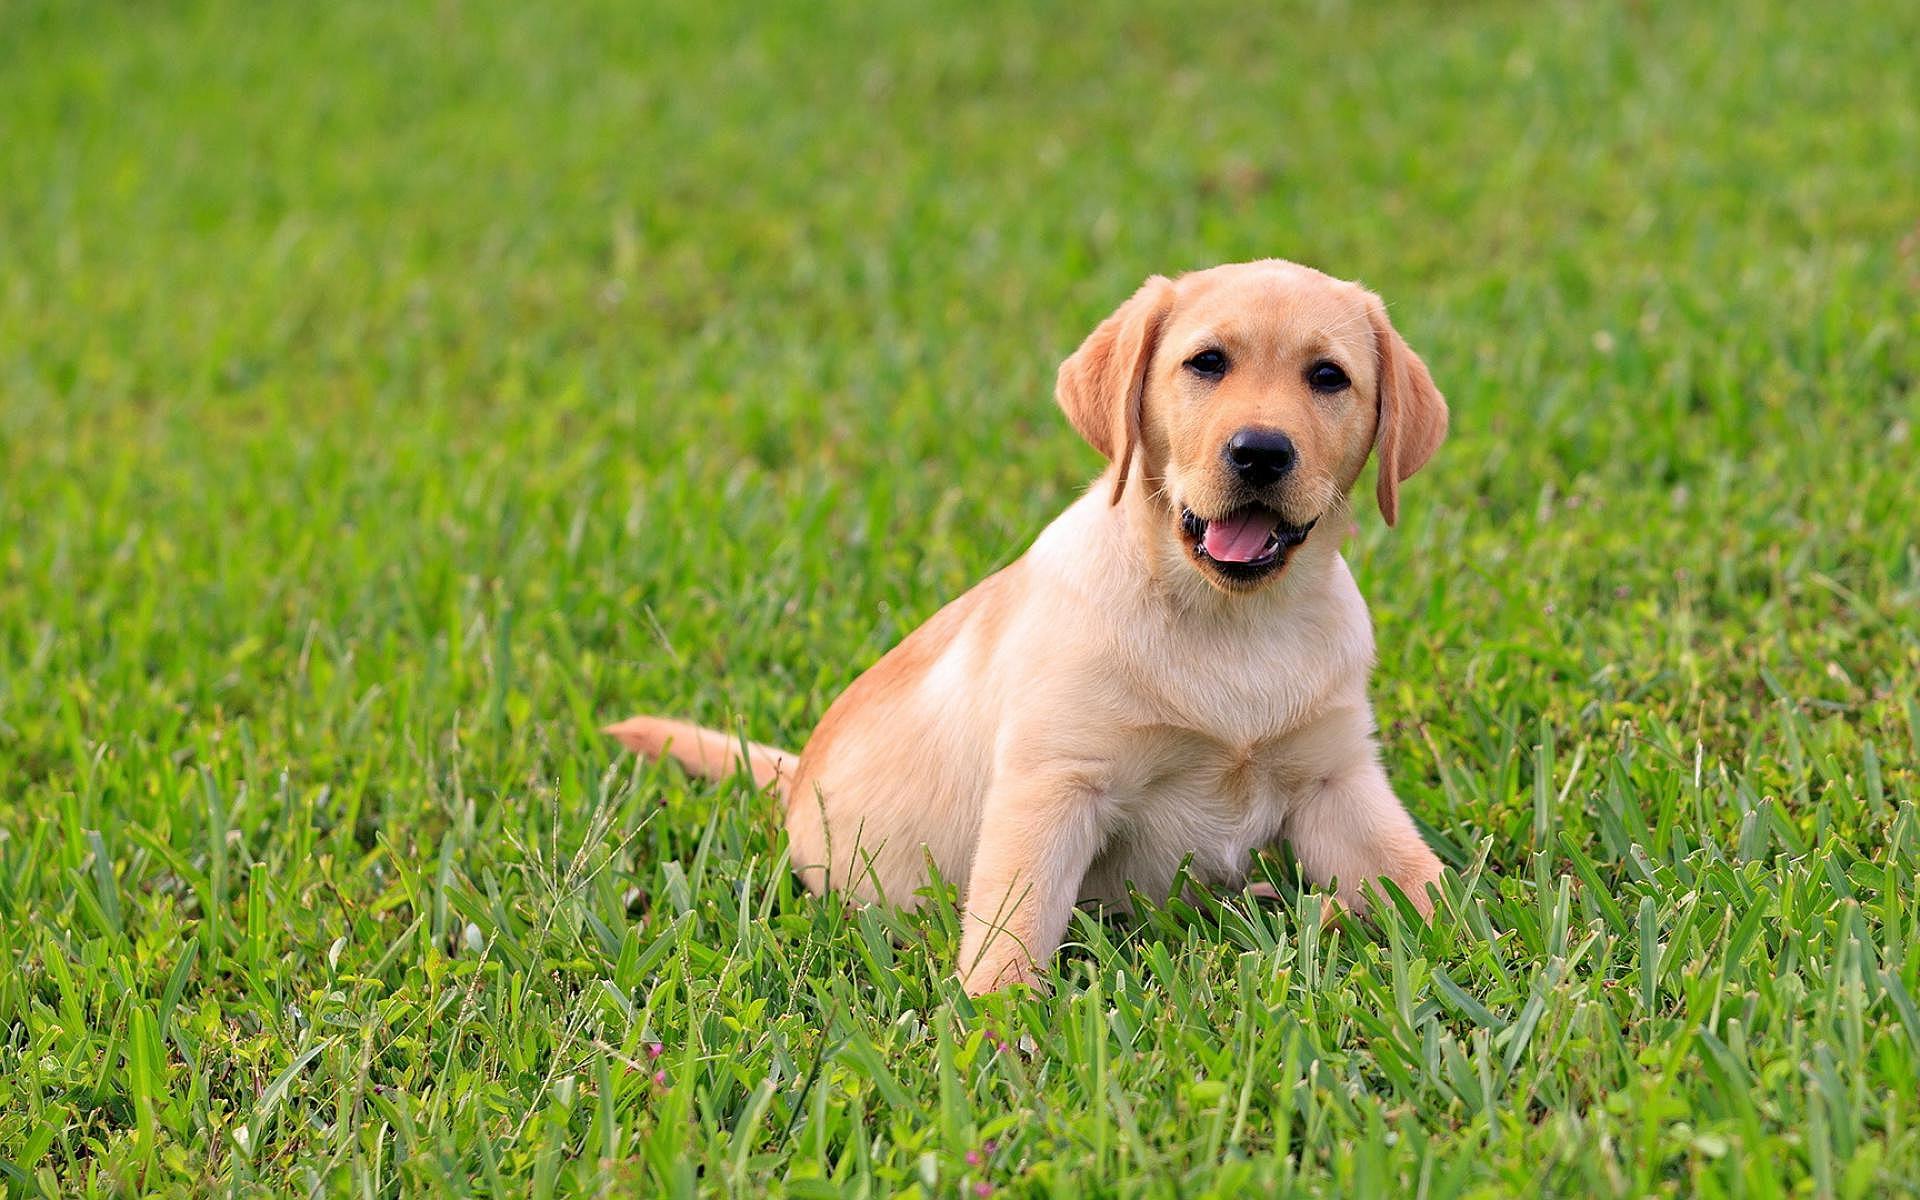 Adorable Labrador Wallpaper 23487 1920x1200 px ...